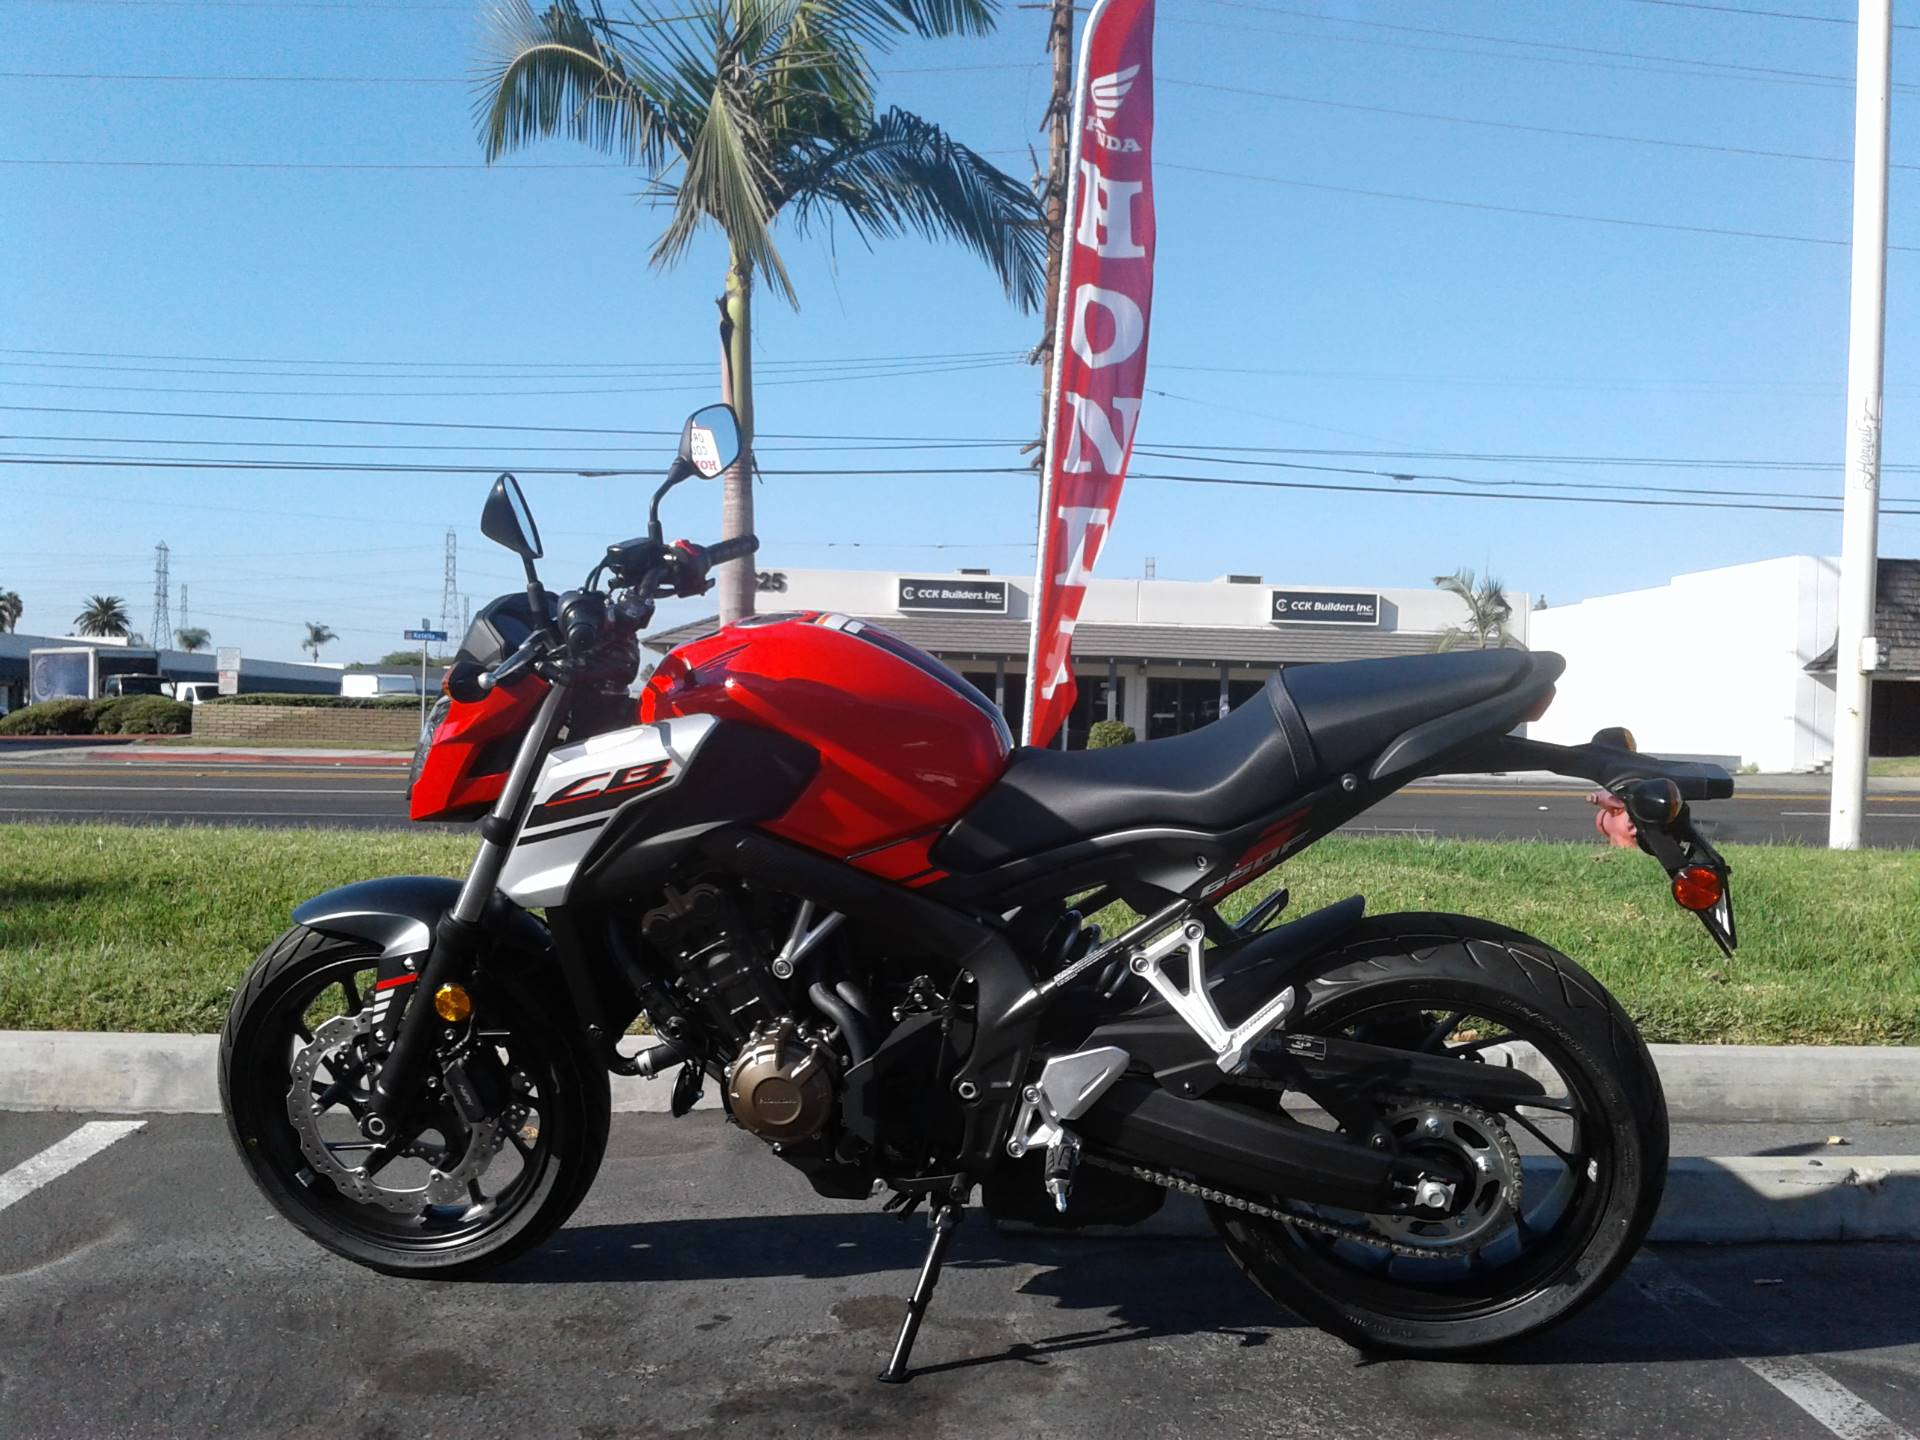 2018 Honda CB650 for sale 18169